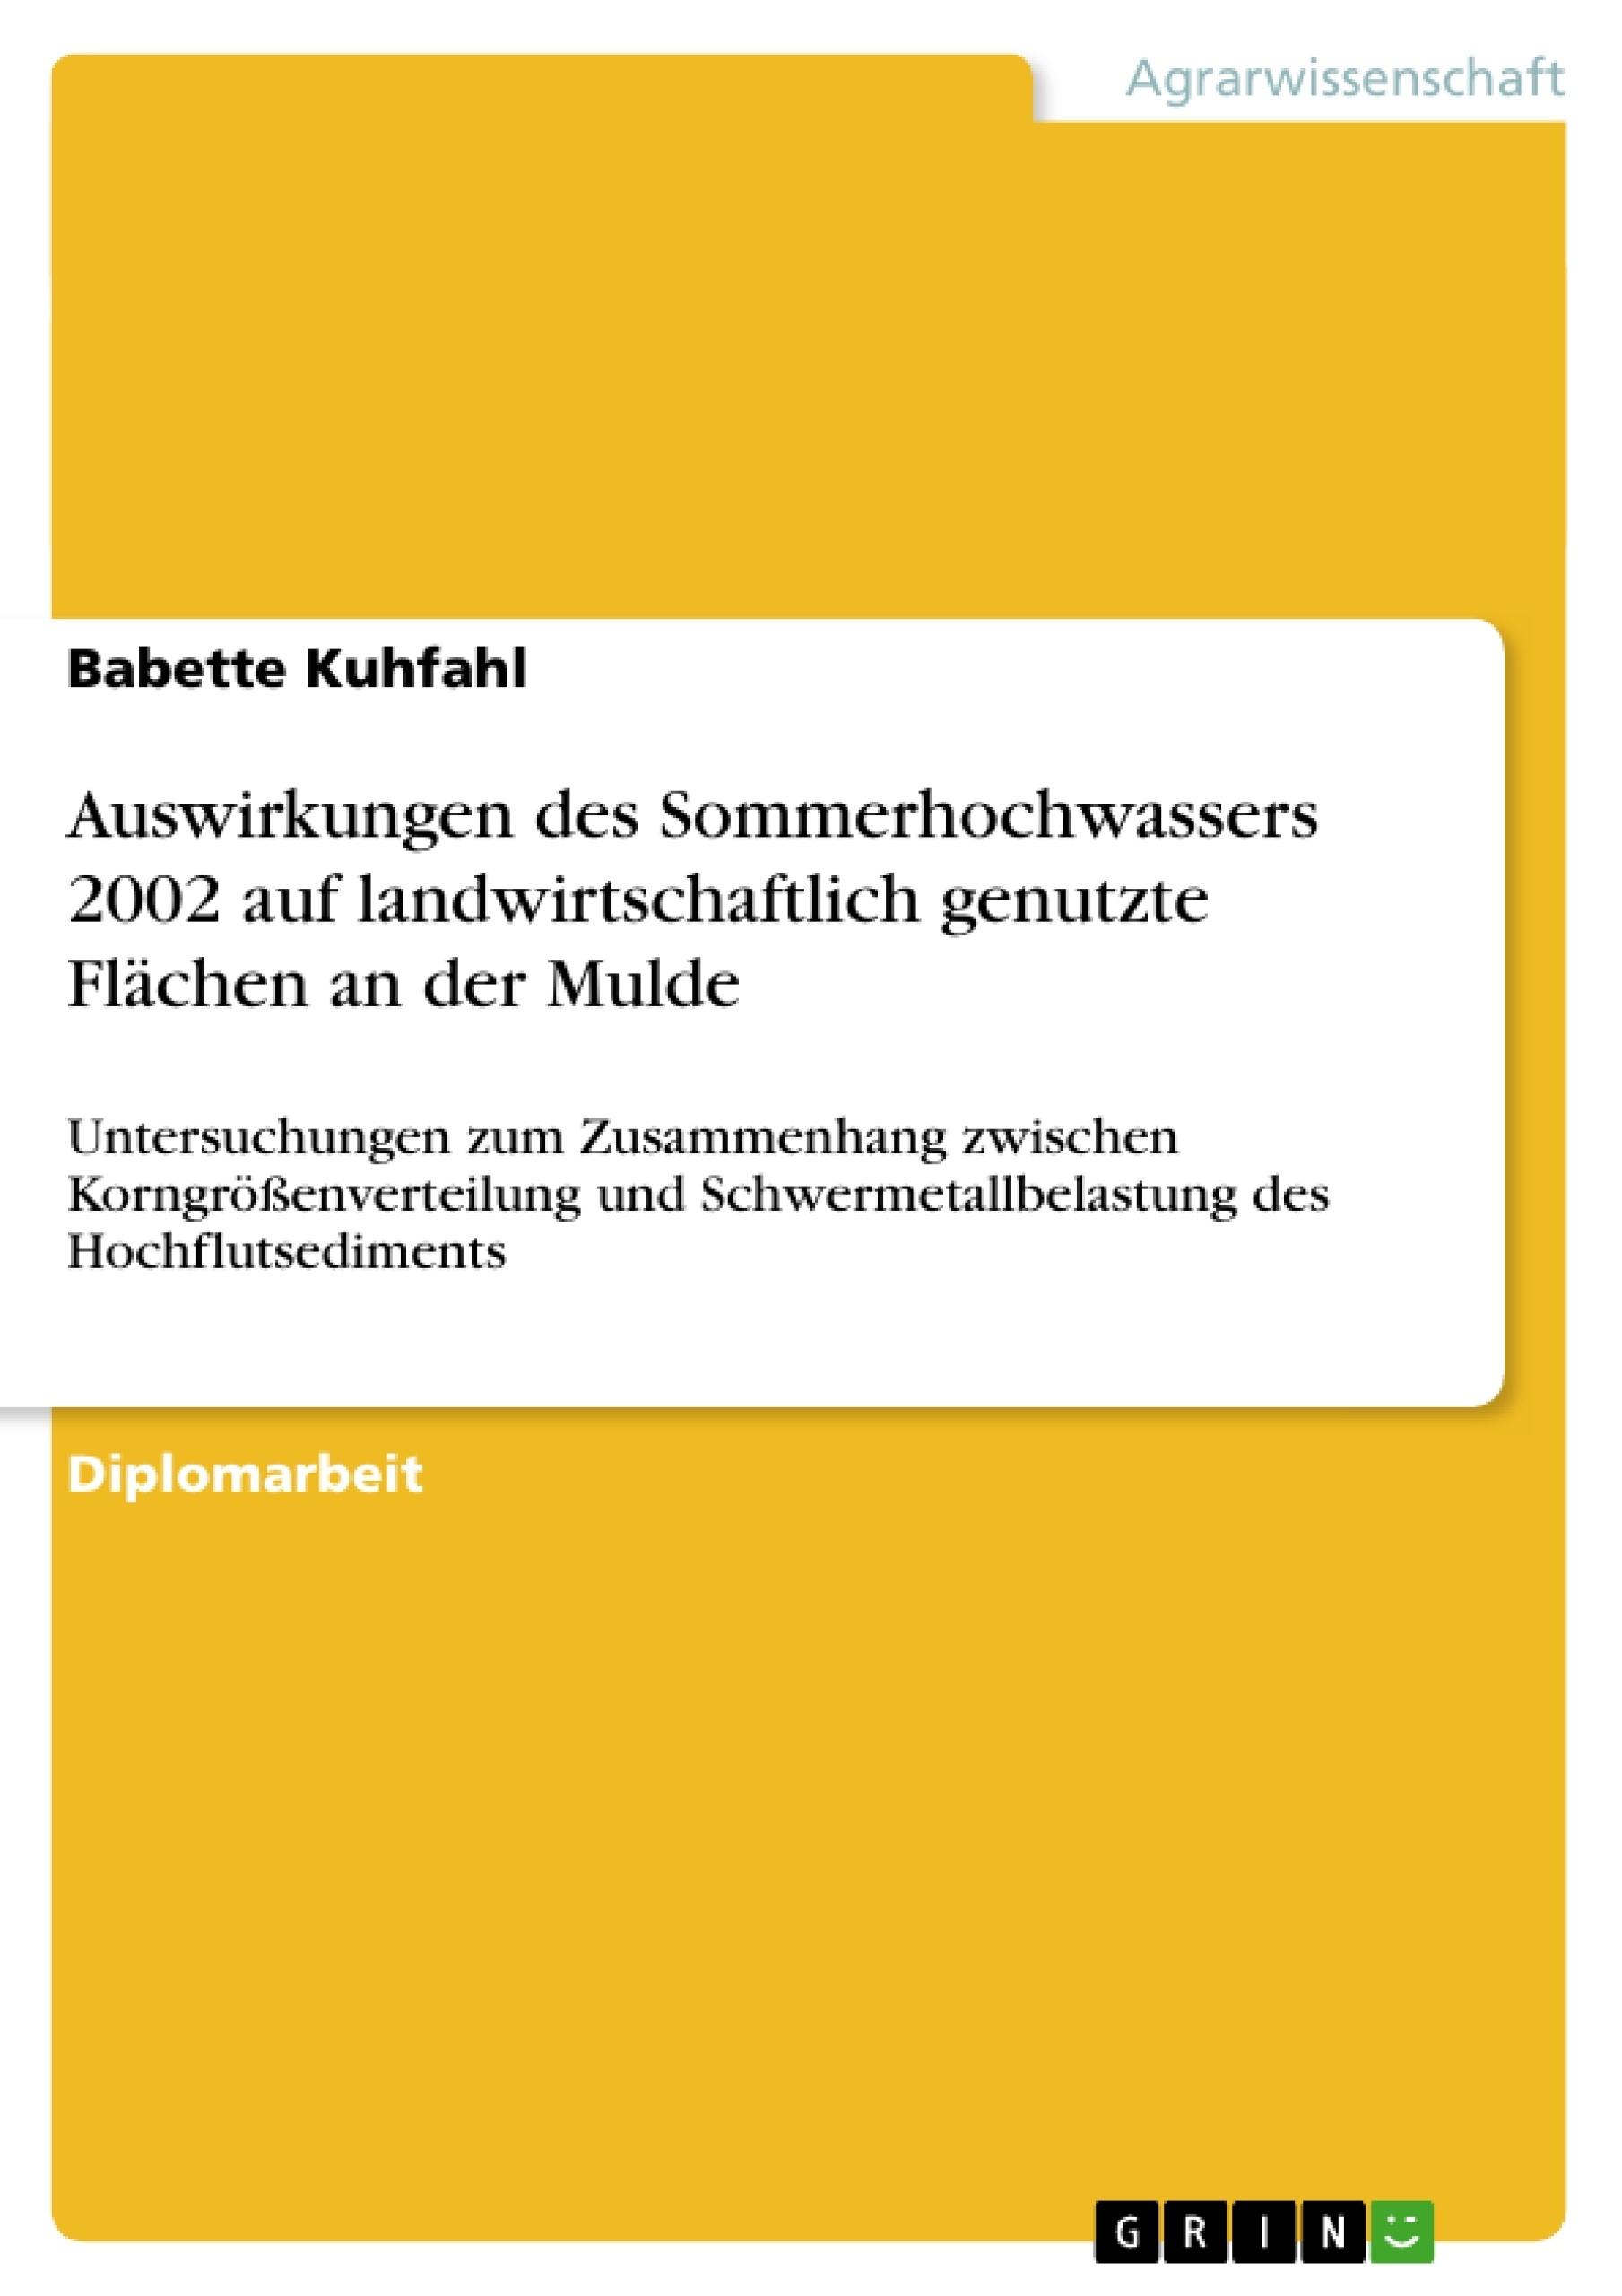 Titel: Auswirkungen des Sommerhochwassers 2002 auf landwirtschaftlich genutzte Flächen an der Mulde